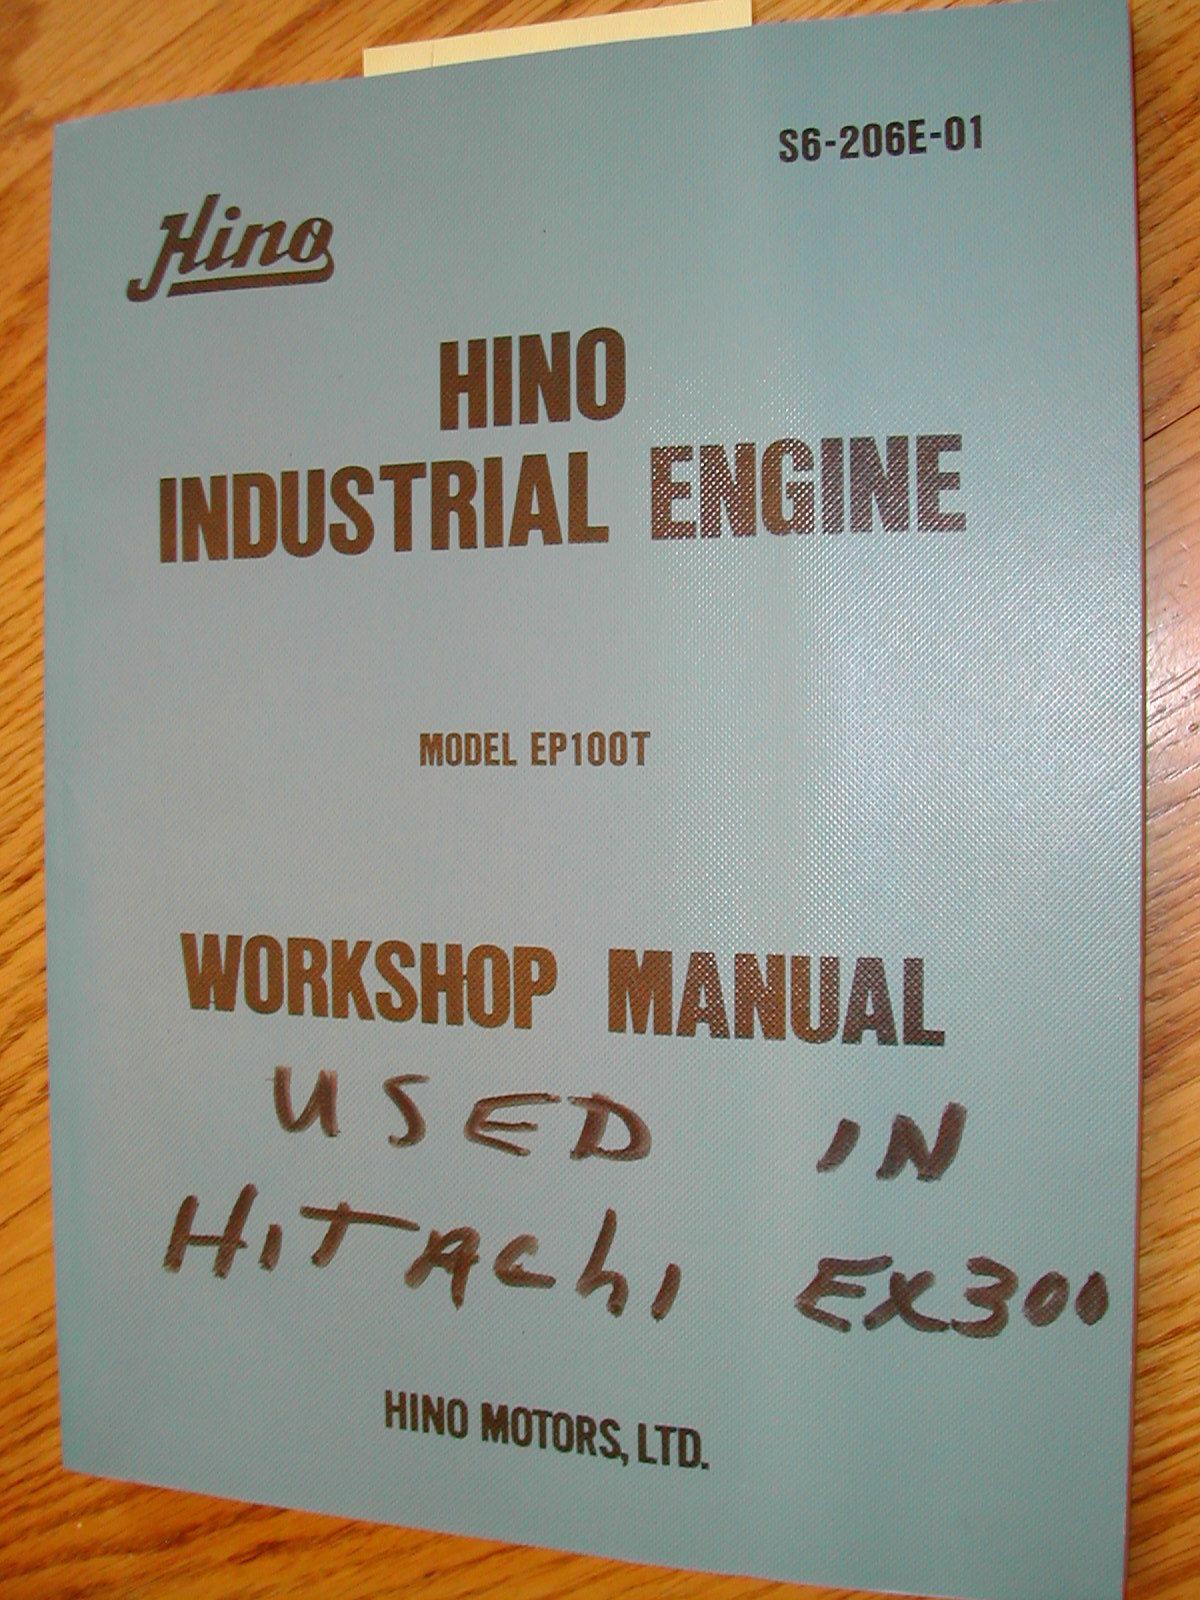 Manual taller HINO , service manuals HINO , repair manuals HINO